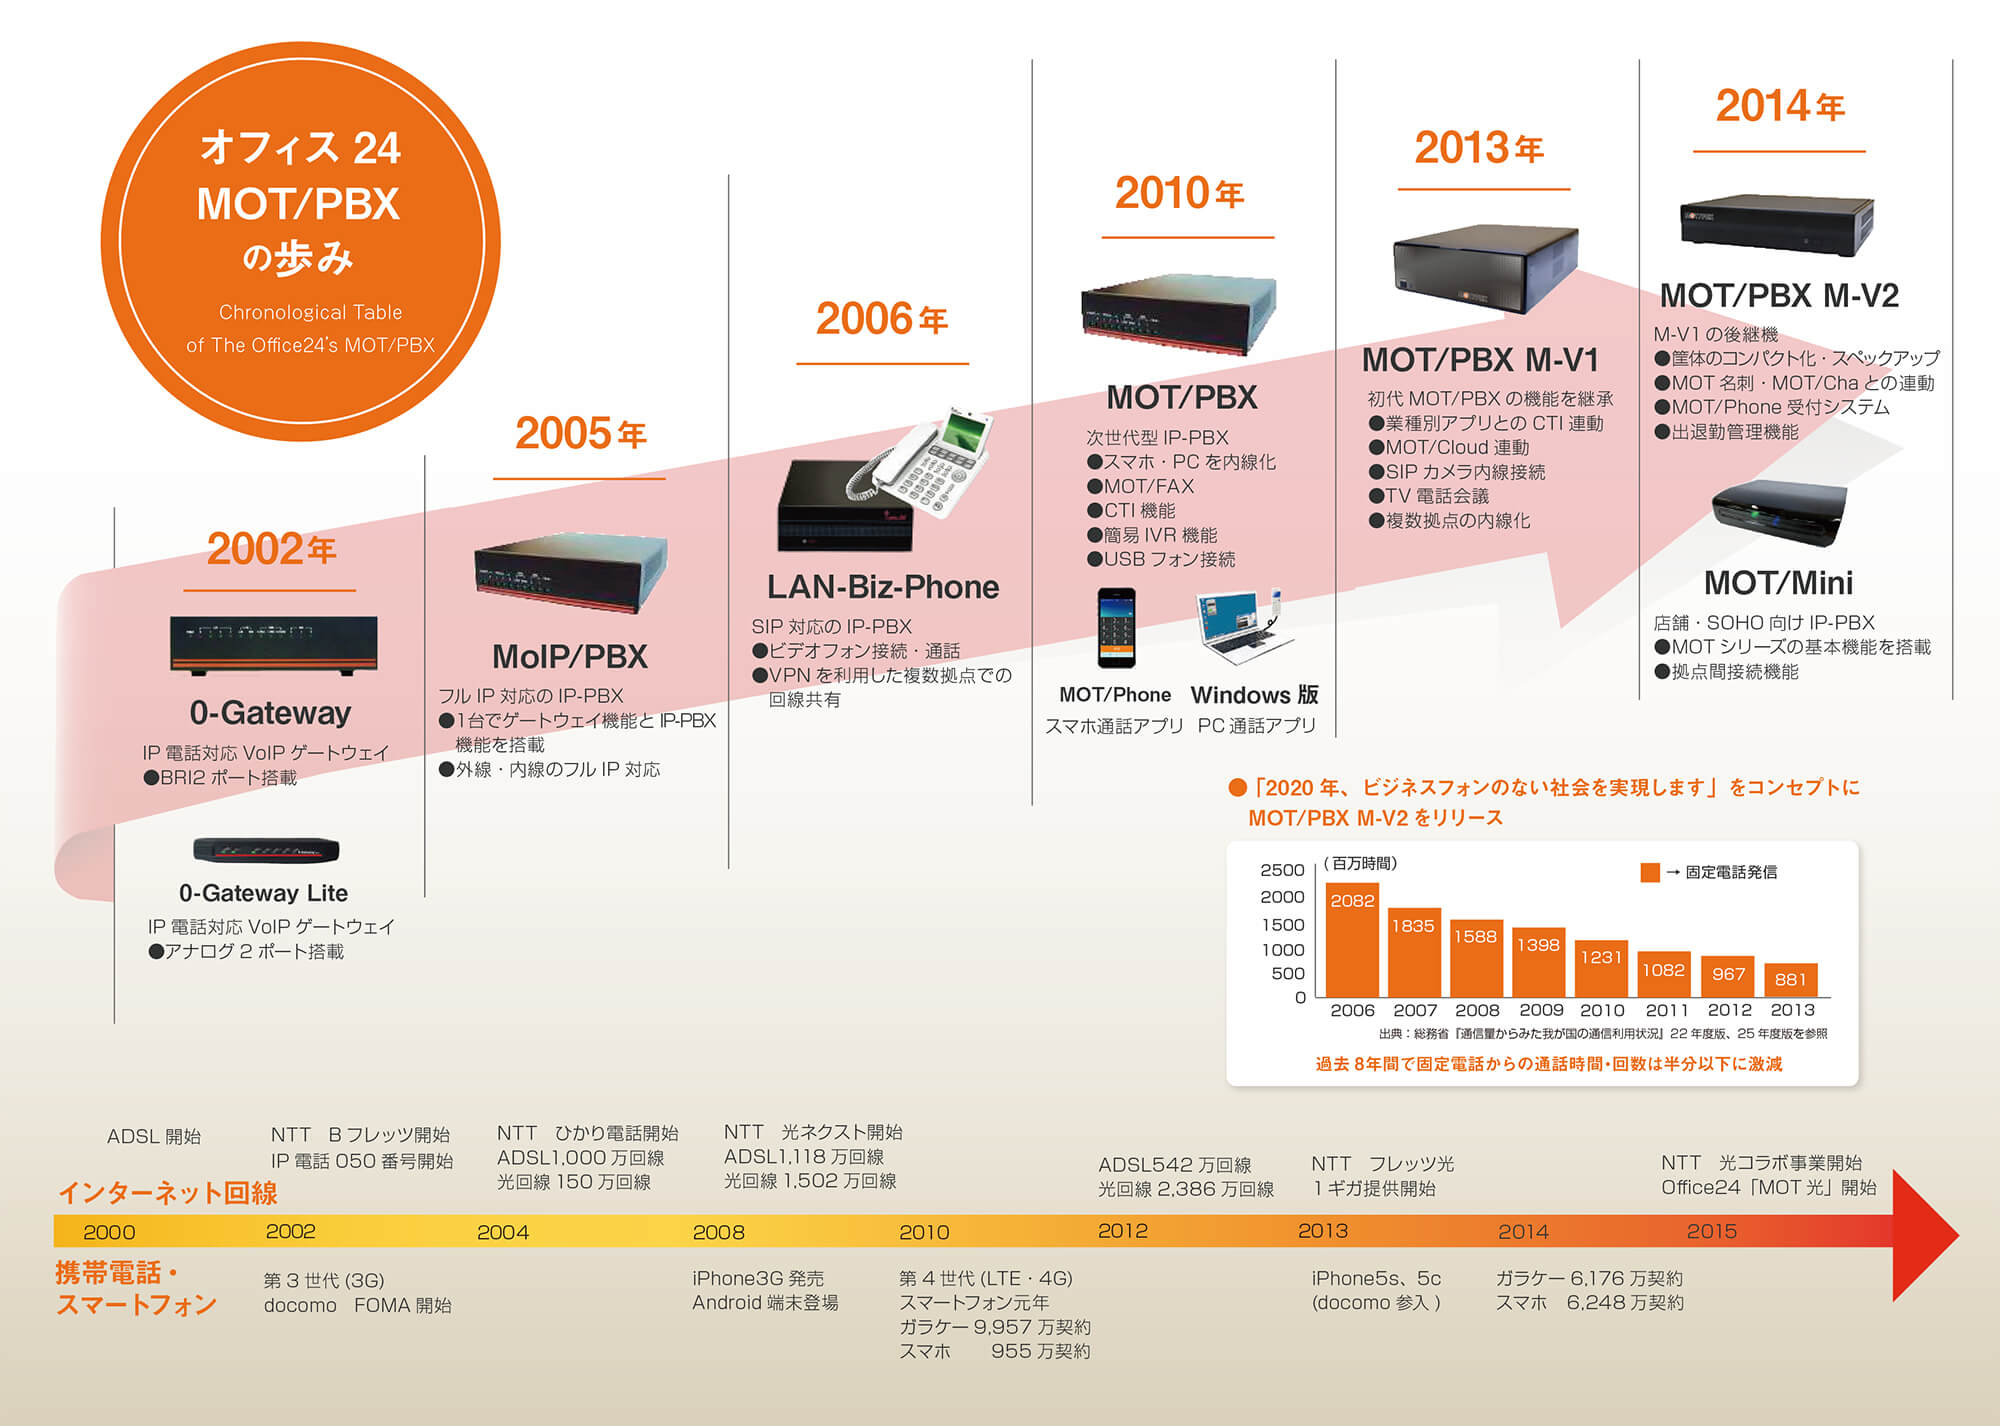 MOT/PBX開発の歴史